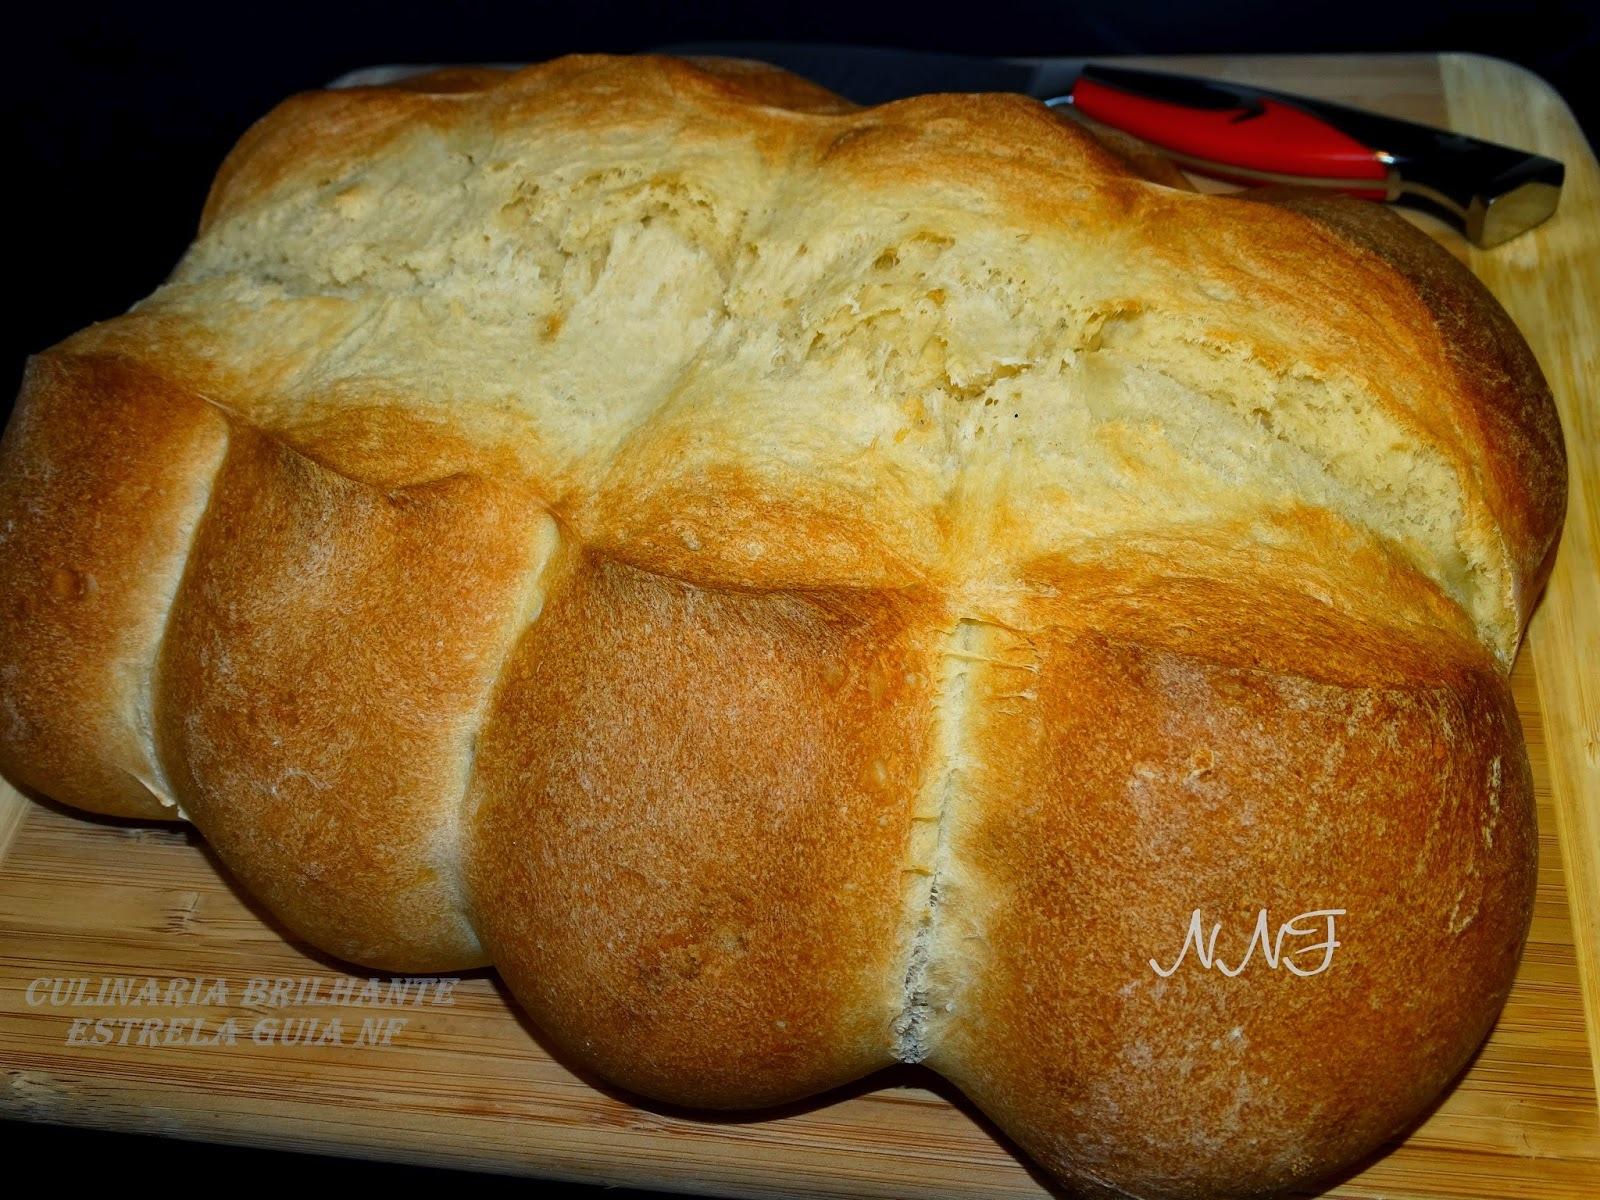 de pão sovado na maquina de pão